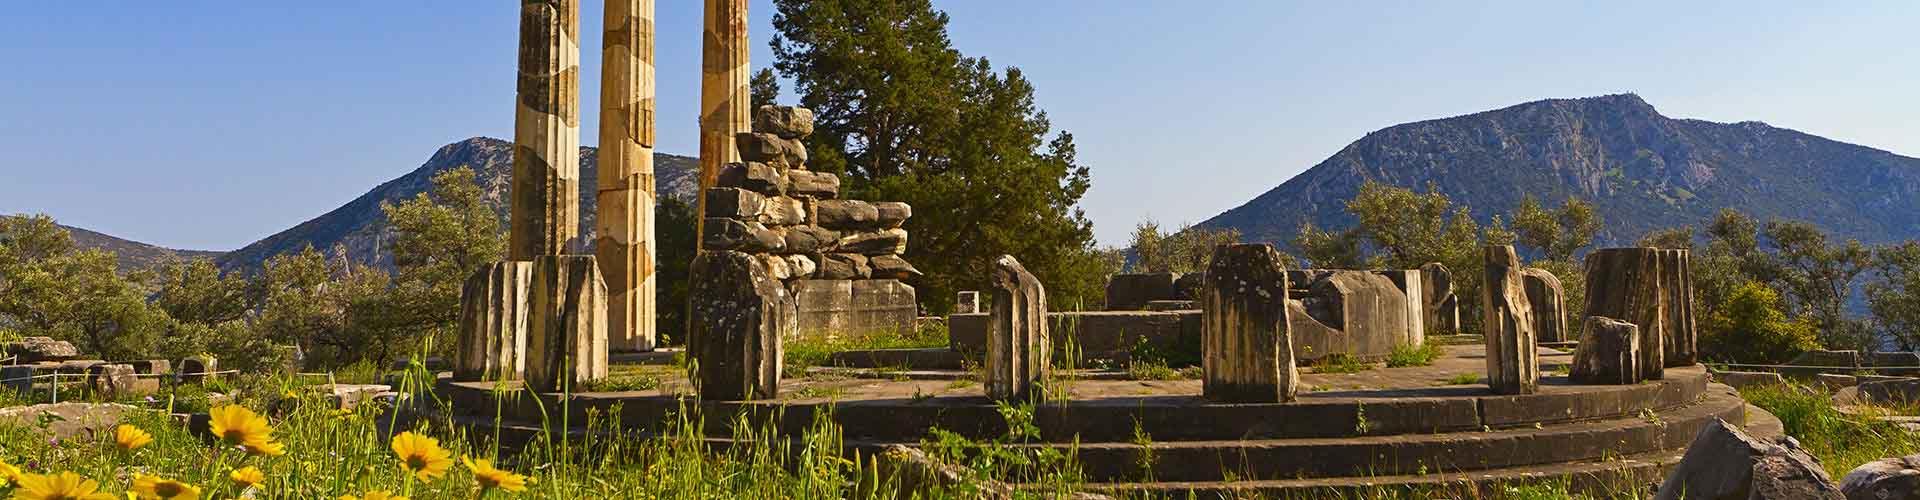 Delphi - Chambres à Delphi. Cartes pour Delphi, photos et commentaires pour chaque chambre à Delphi.